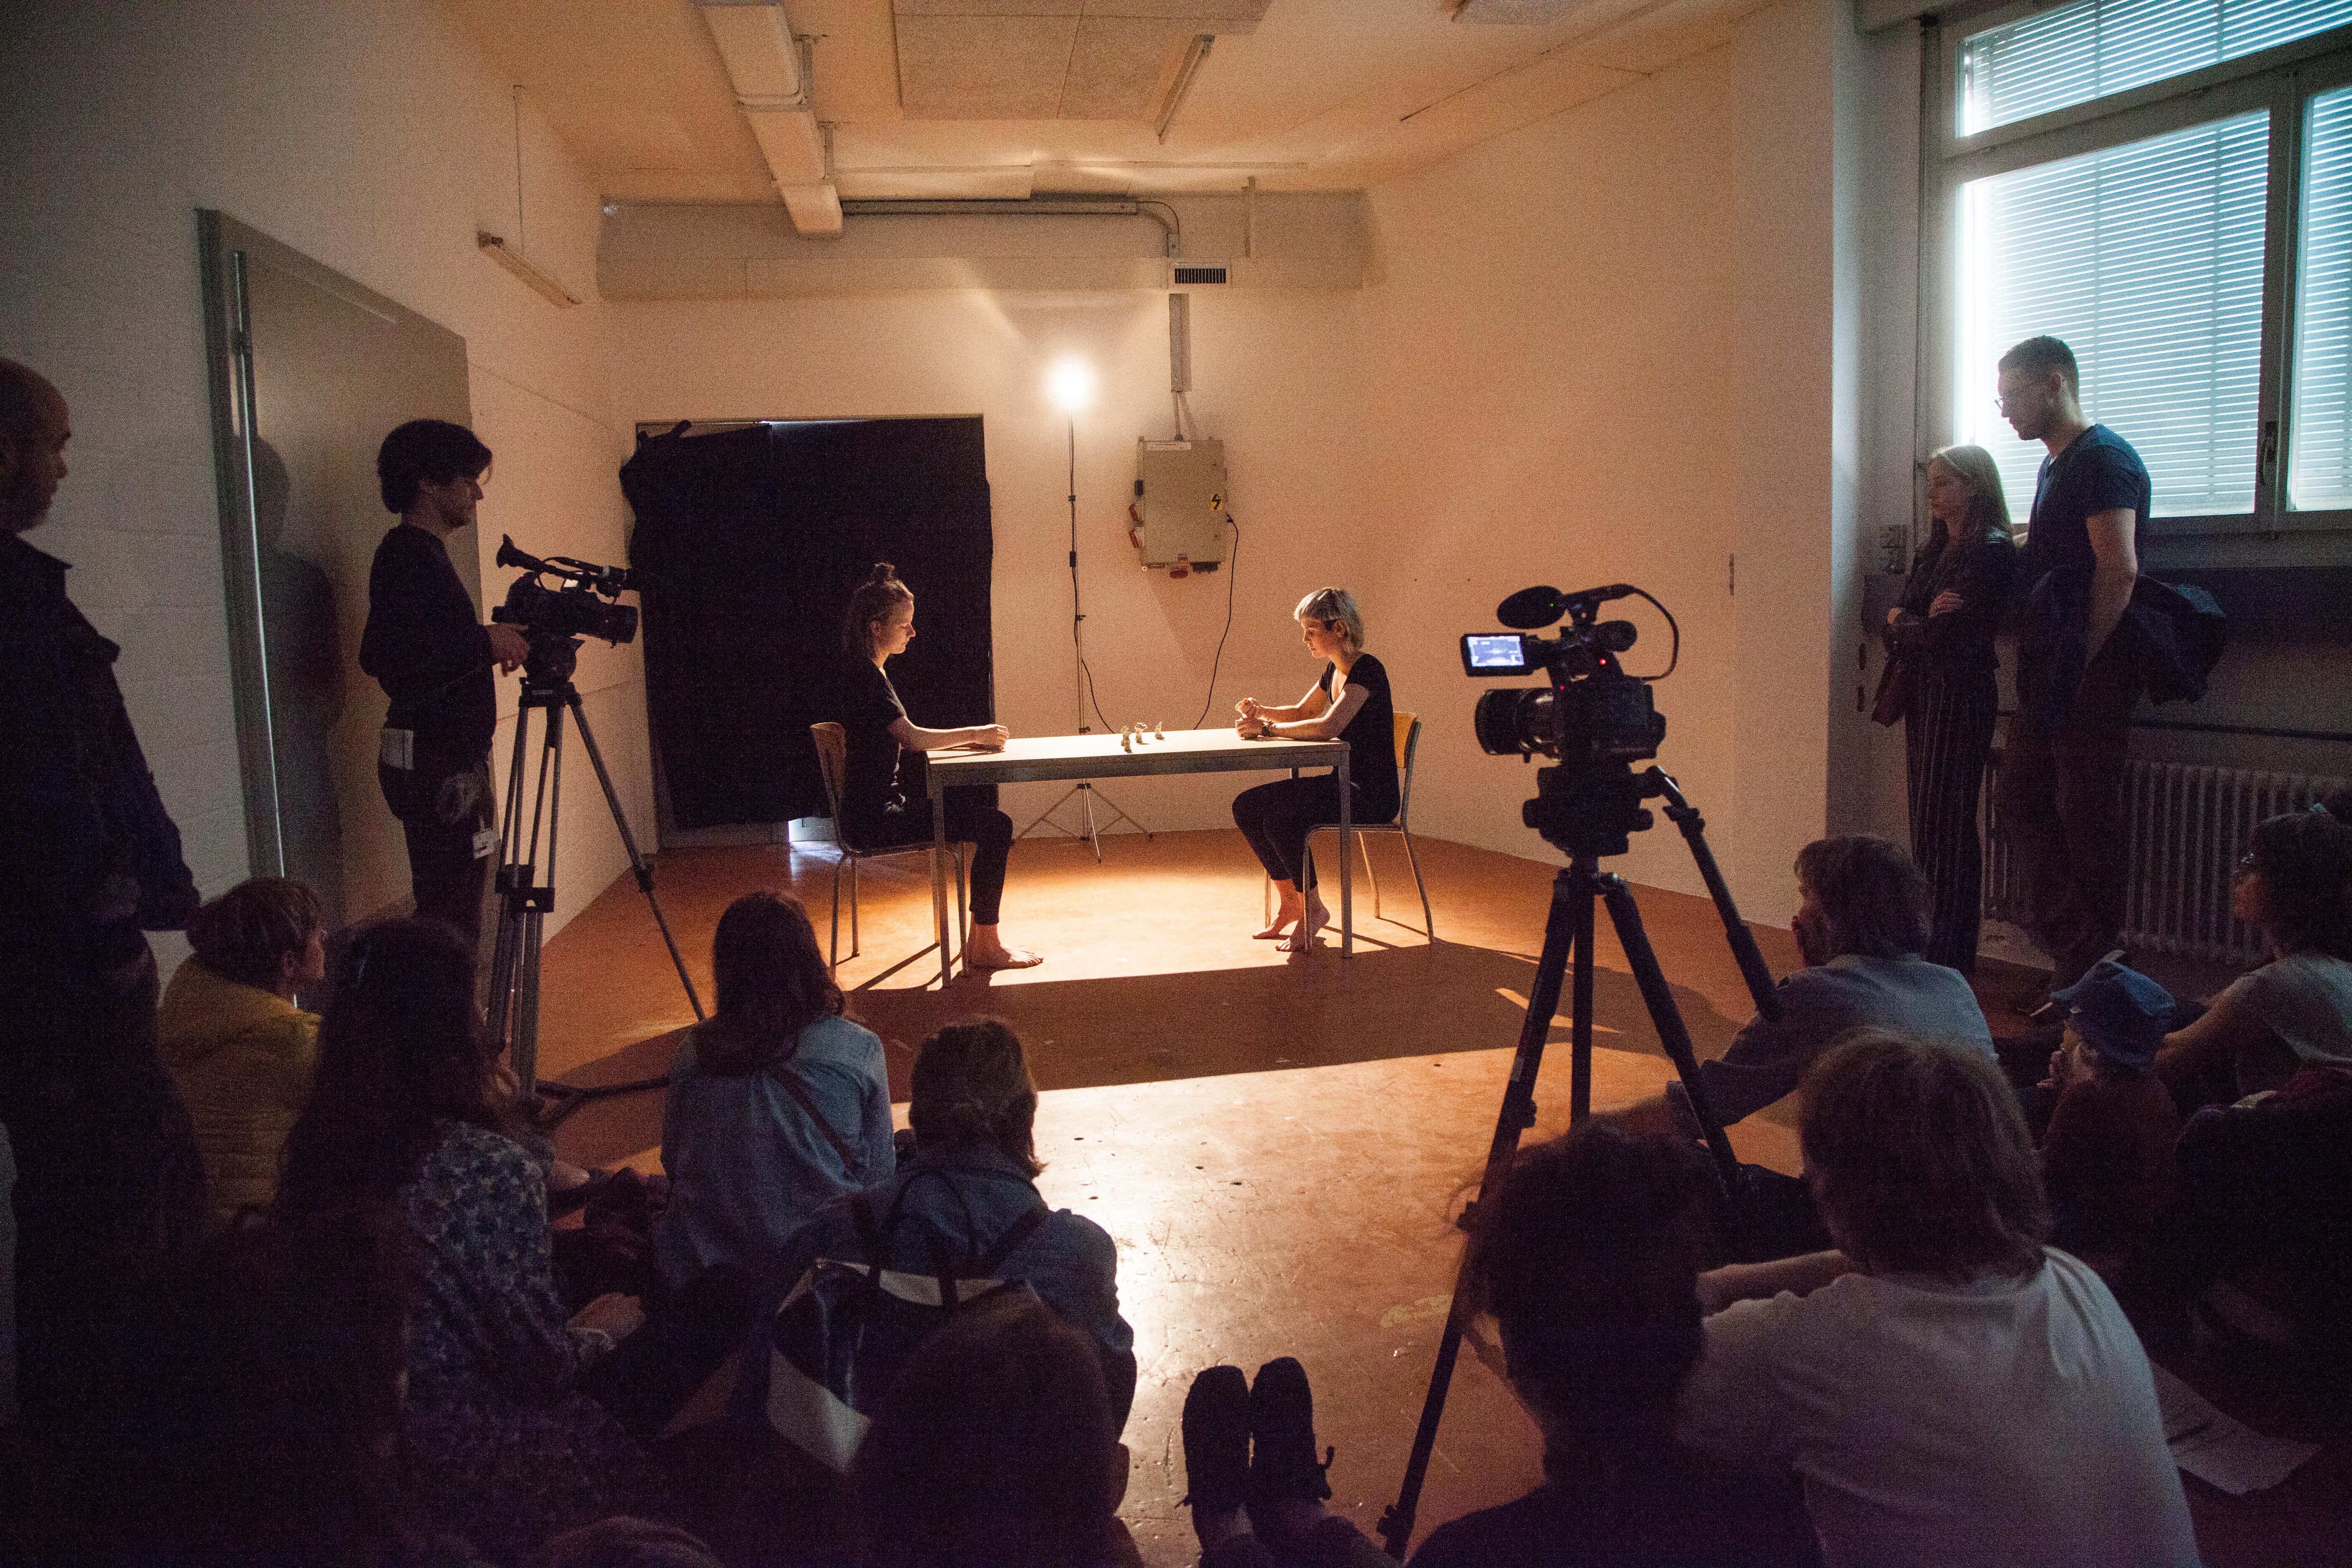 drücke, Erzählperformance, ein Tisch zwei Stühle und Ton, 10 min, 2017. Aufgeführt mit Mirjam Ayla Zürcher am ACT Bern und Luzern.  Wir sitzen am Tisch und kneten unsere Tonstücke, formen « Eindrücke ». « Er ist ein grosser Fan der Renaissance », sagst du. Stellst ein Stück Ton in die Mitte. Wie ein Figürchen – ein Eindruck. Ich höre dir zu und knete weiter. Forme Eindrücke und stelle sie in die Mitte. In der gemeinsamen Performance « Eindrücke » inszenieren Mirjam Ayla Zürcher und ich ein Gespräch über eine wichtige Figur in unseren Leben. Der Dialog erzeugt Eindrücke, die wir als Tonklumpen darstellen und in die Mitte des Tisches legen. Was am Ende von unserem Gespräch übrig bleibt, sind die Eindrücke.